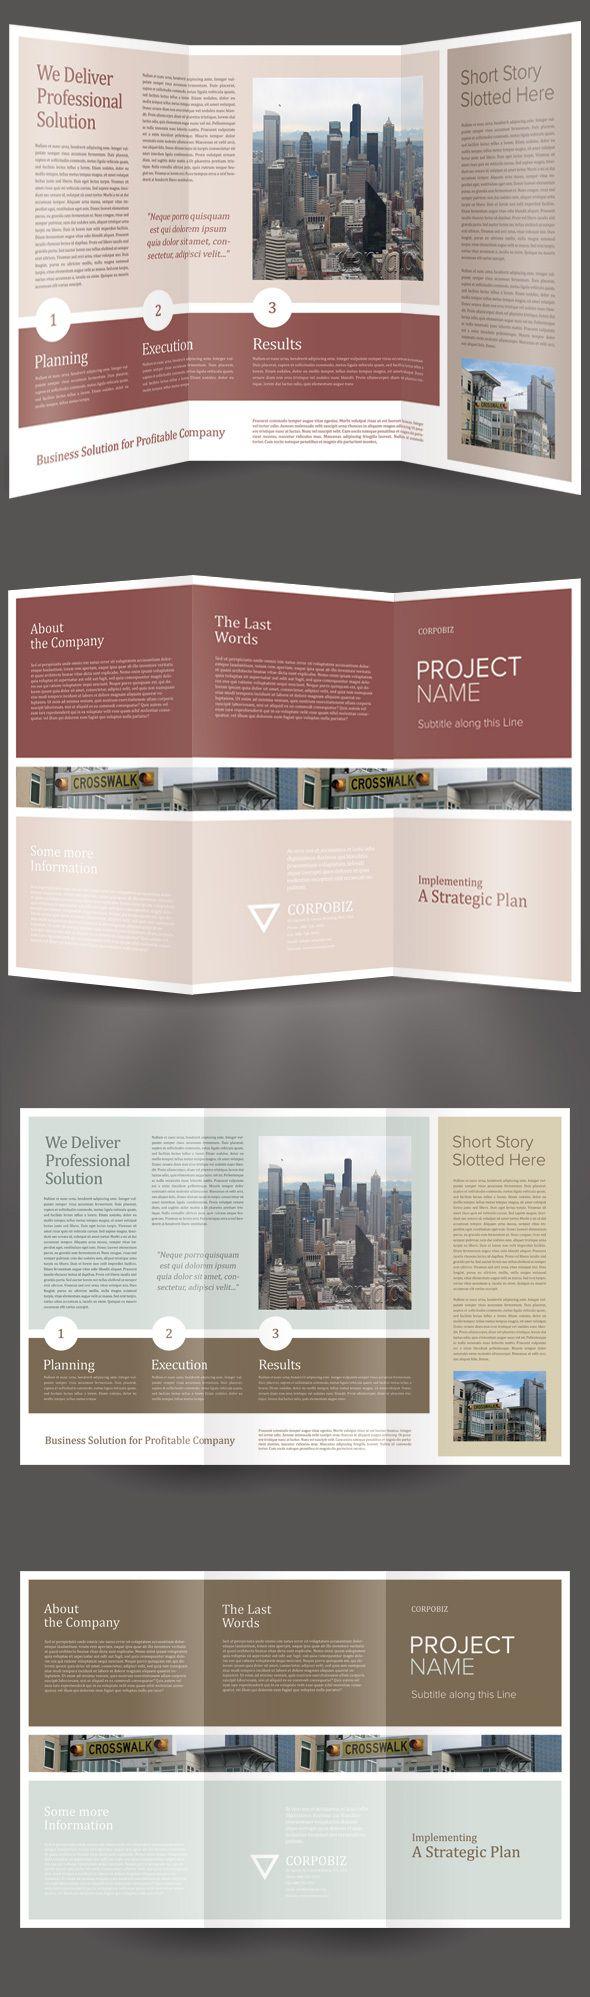 Corpobiz Trifold Brochure Template by Kinzi Wijaya